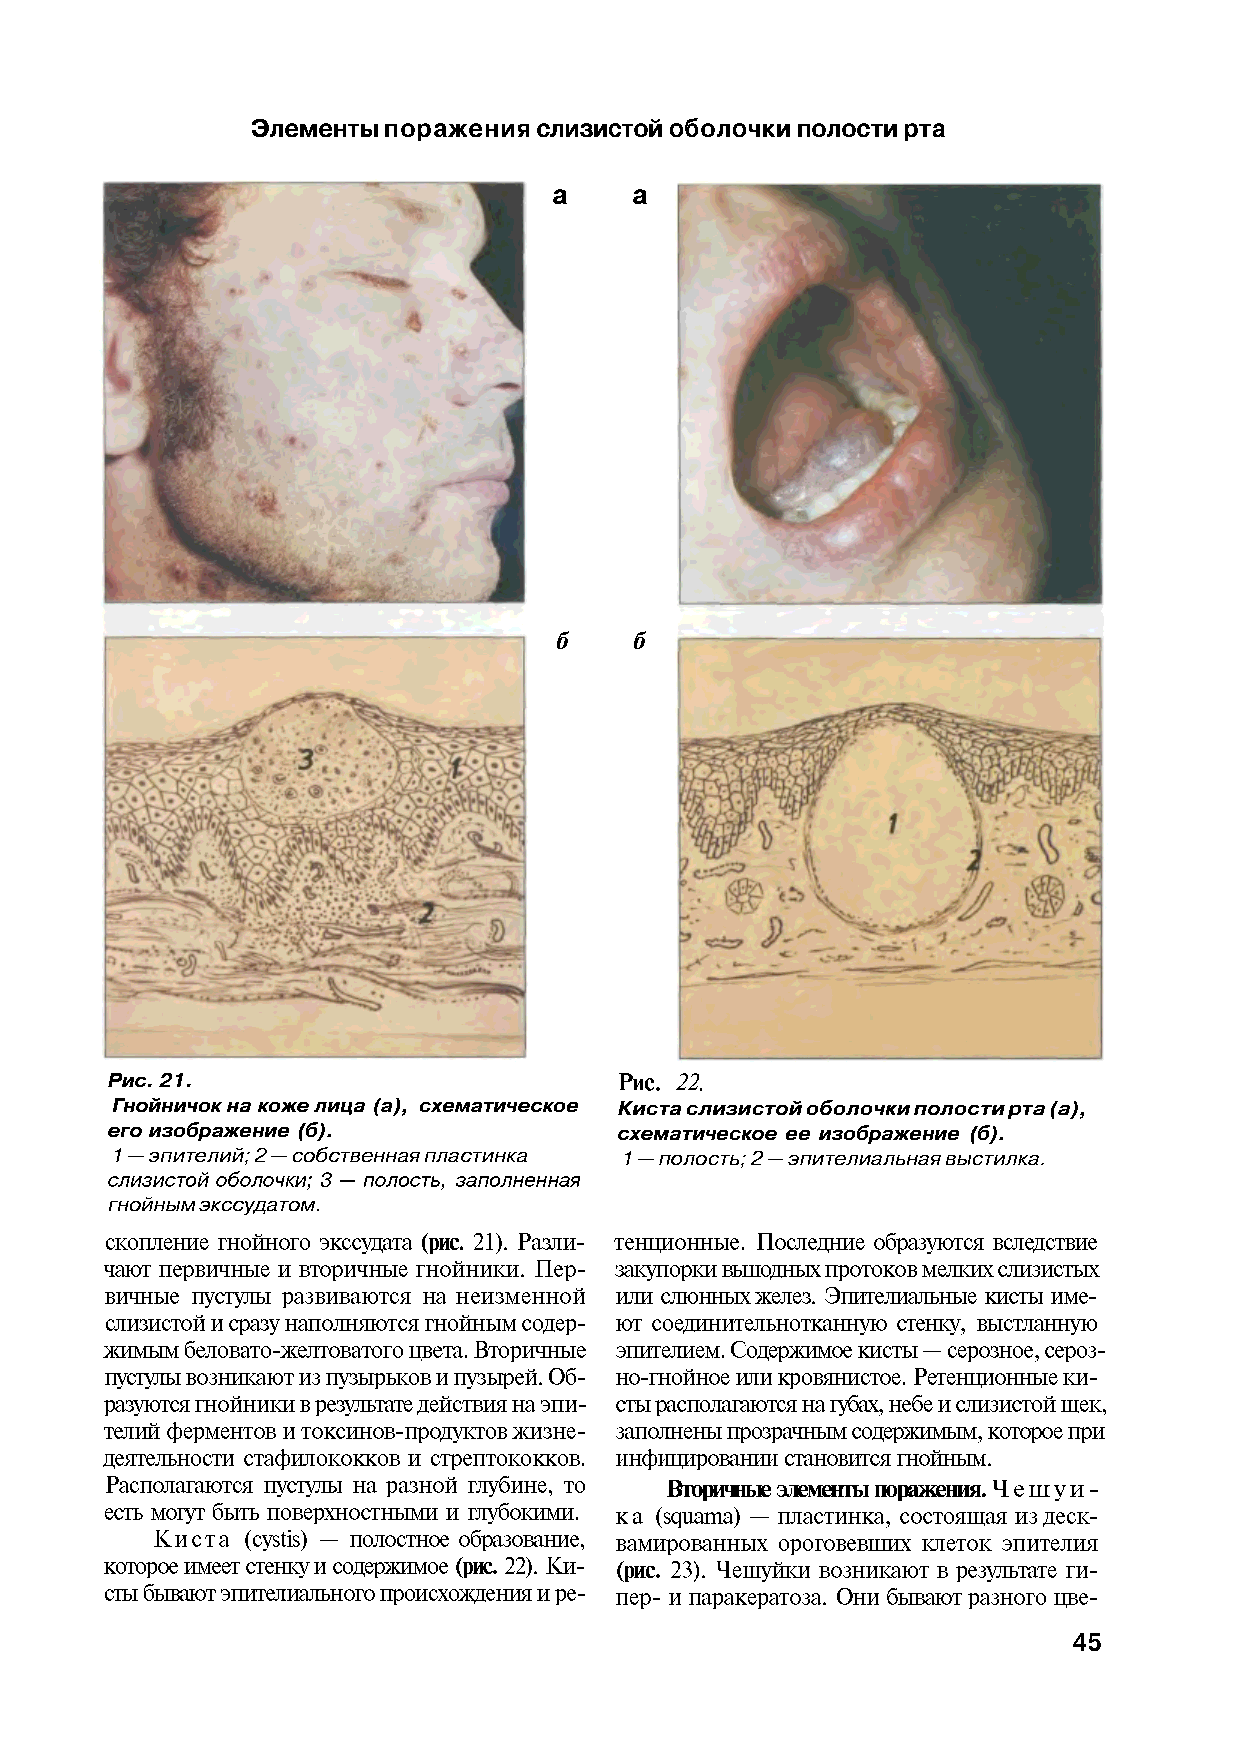 Болезни полости рта